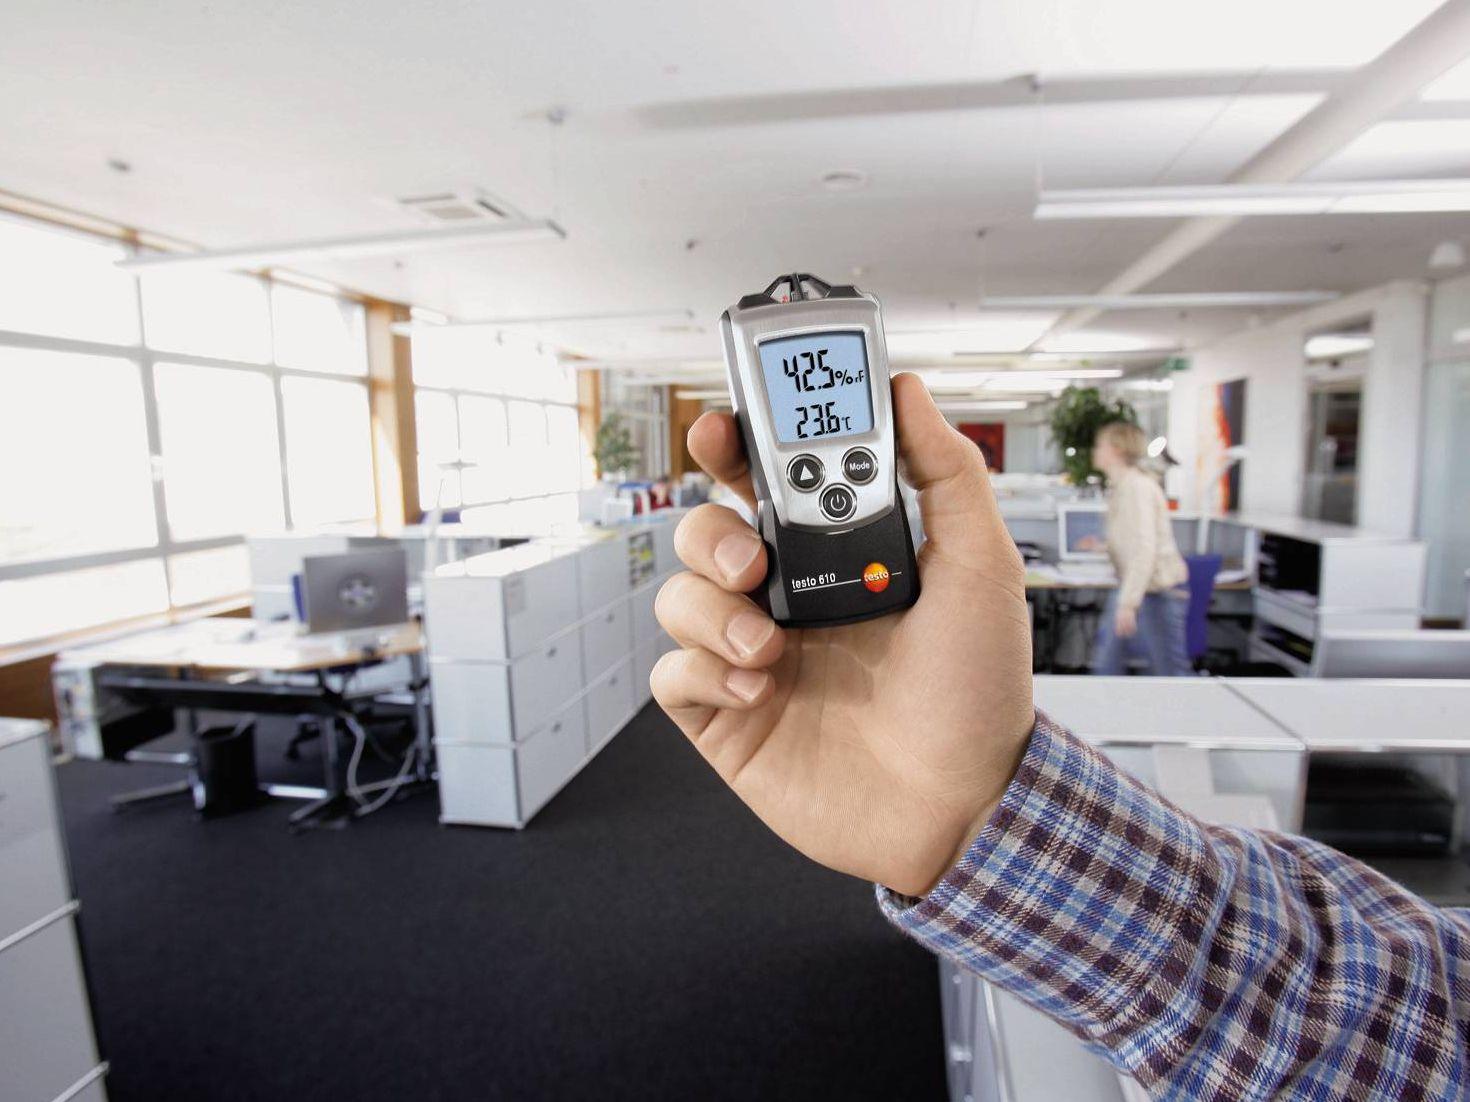 О норме температуры в производственных и офисных помещениях организации